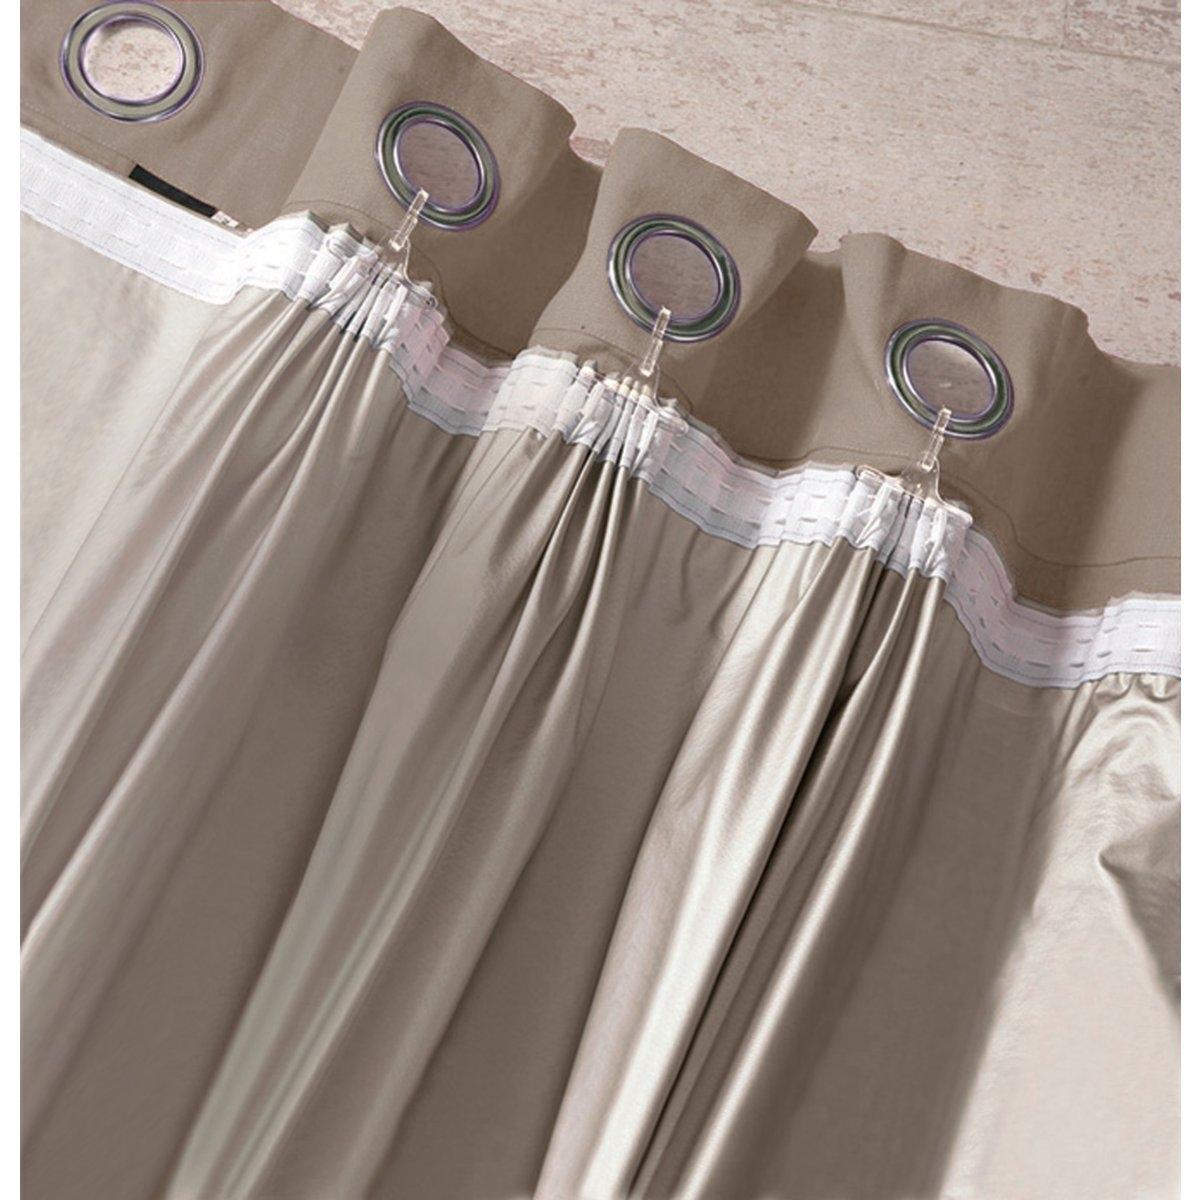 Затемняющая подкладка для шторХарактеристики :- Металлизированный текстиль, 100% полиамида с пропиткой из ПВХ и полиуретана.- Поставляется с 3 видами креплений, подходящих для всех видов штор.- Машинная стирка при 40 °С.Преимущества : пару взмахов ножницами (не нужно подшивать), и подкладка готова к креплению !<br><br>Цвет: серо-коричневый каштан